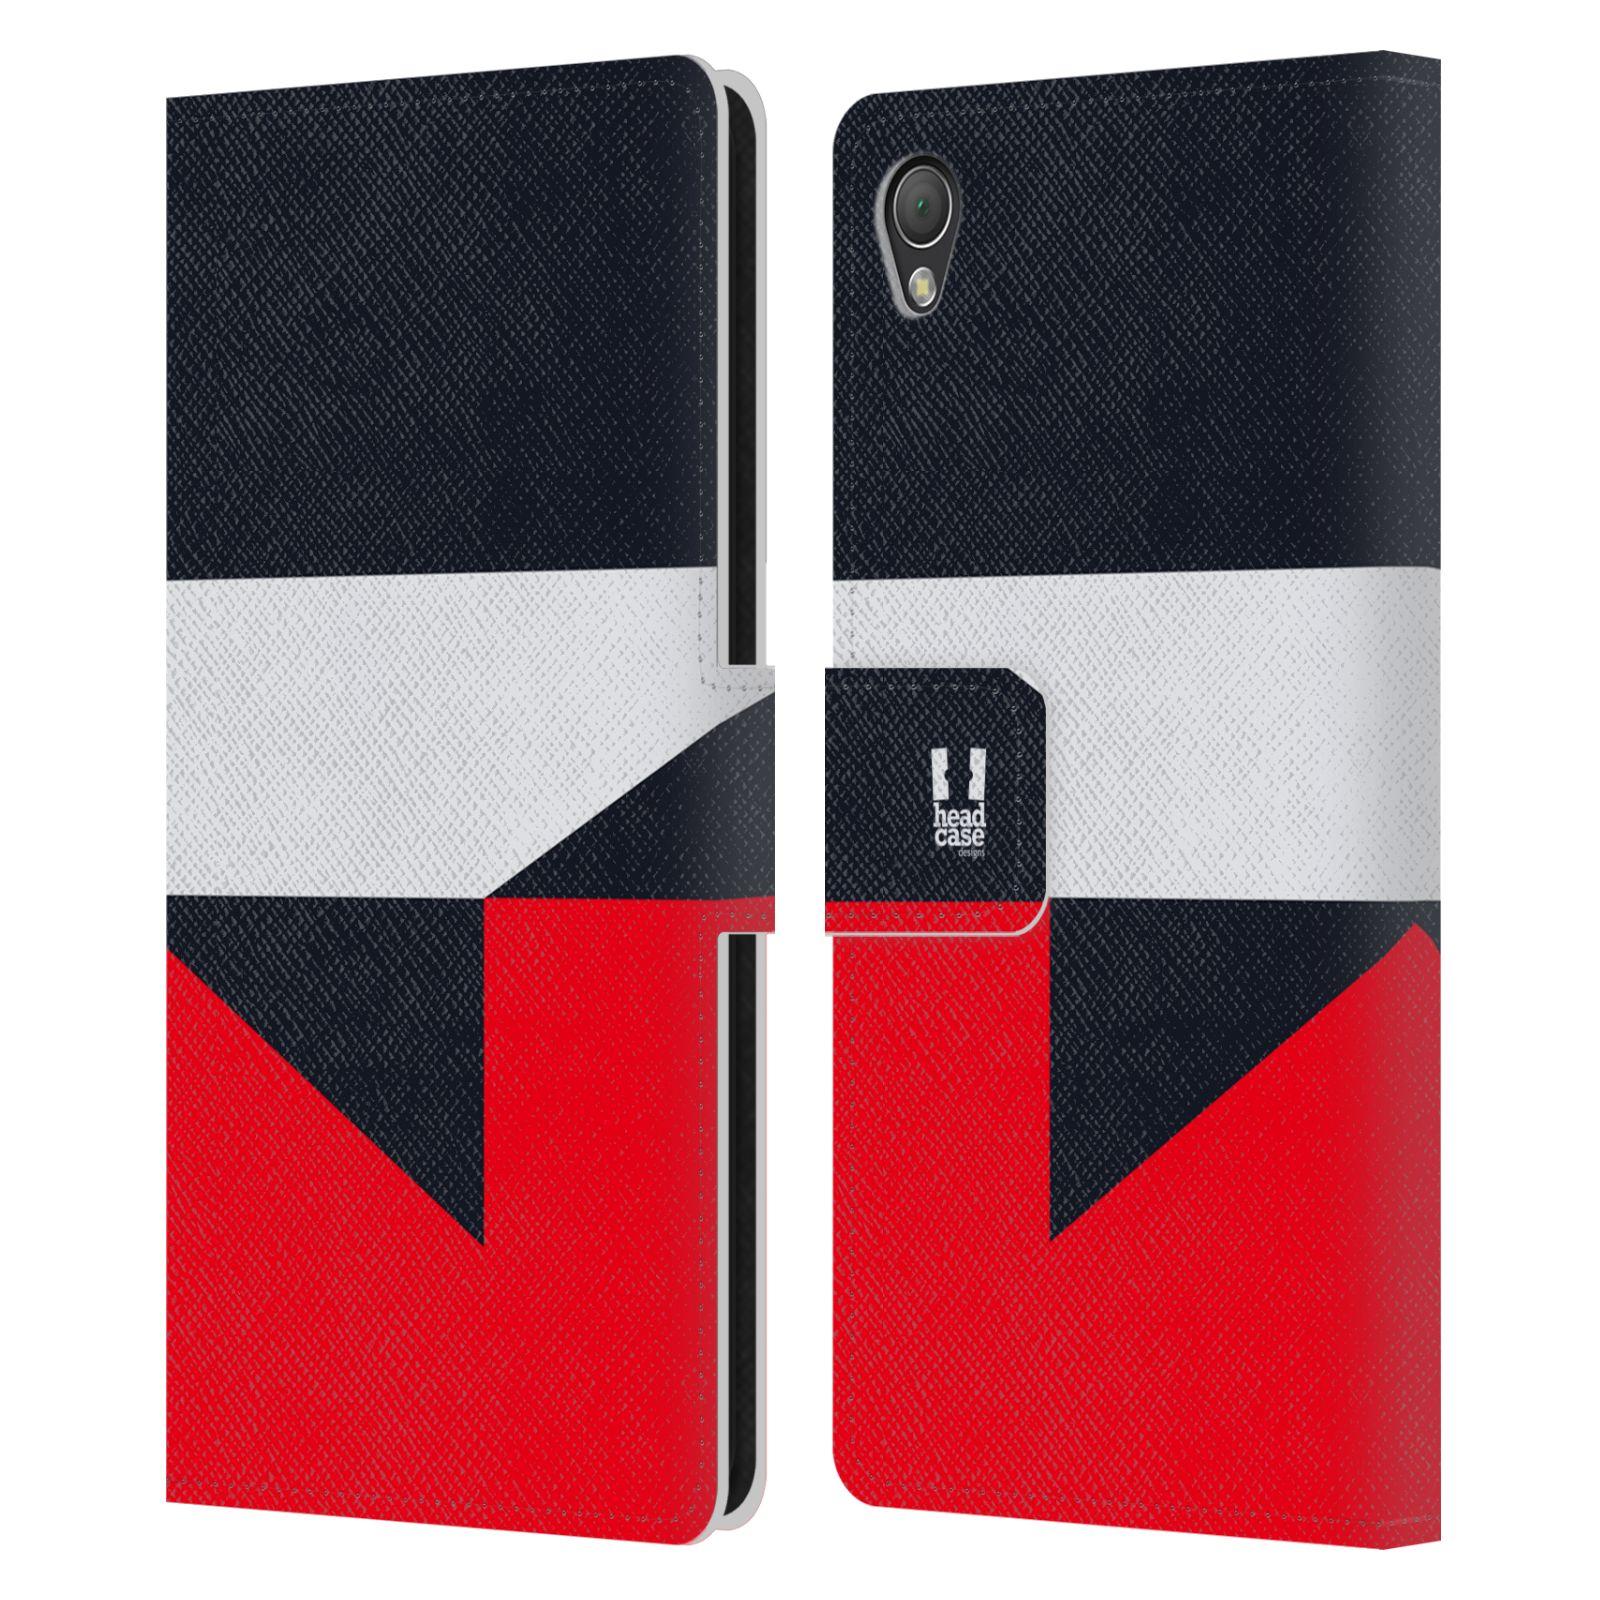 HEAD CASE Flipové pouzdro pro mobil SONY XPERIA Z3 barevné tvary černá a červená gejša